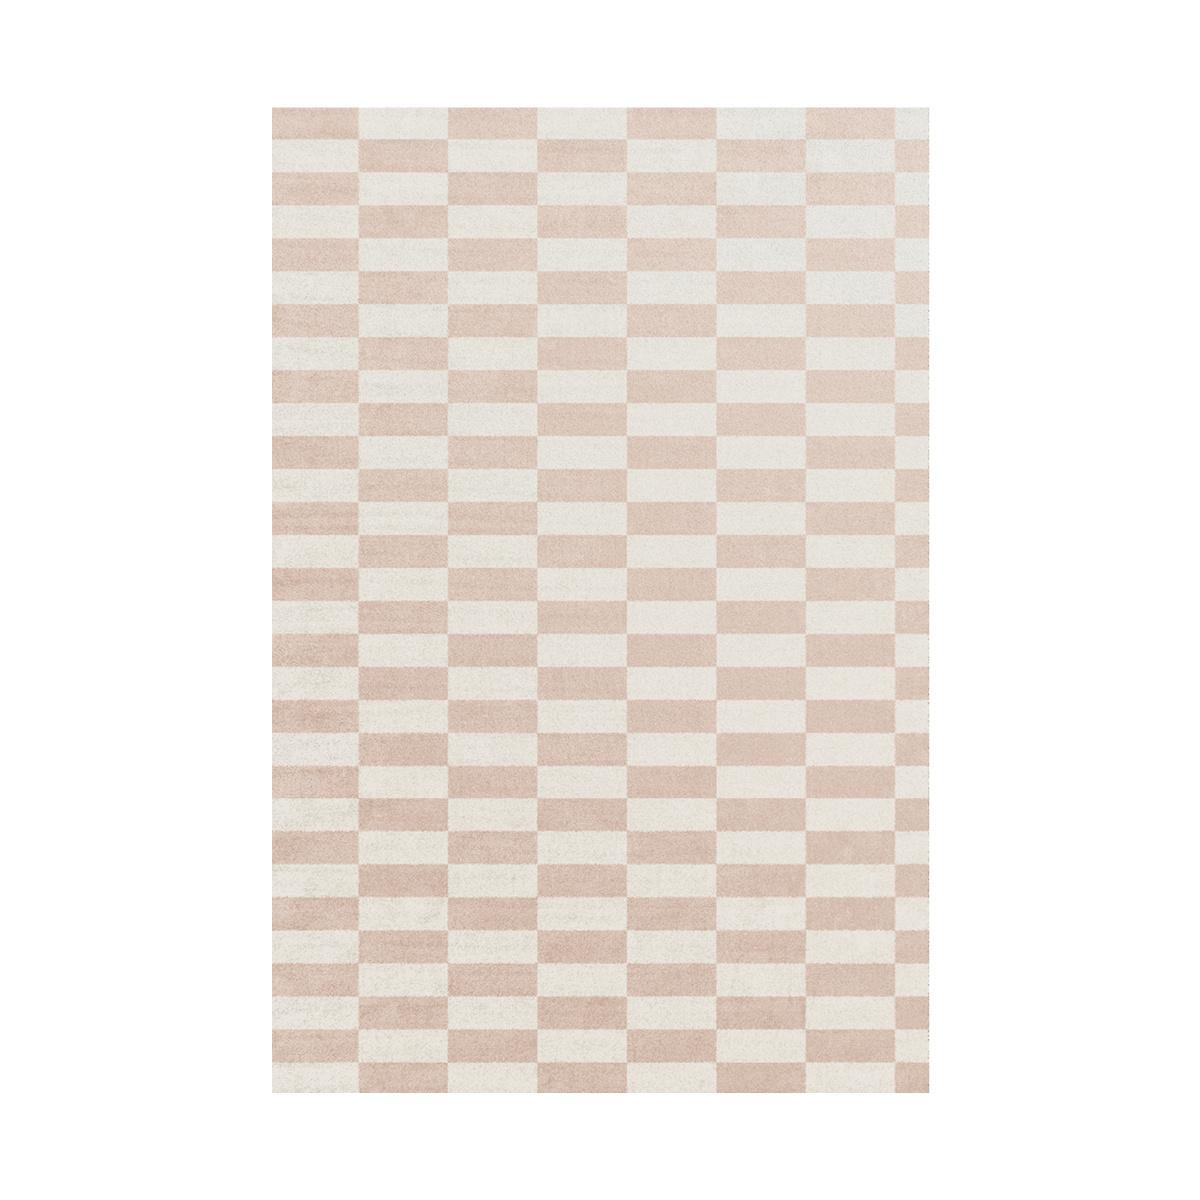 Firenze Rug, Checkerboard Pattern